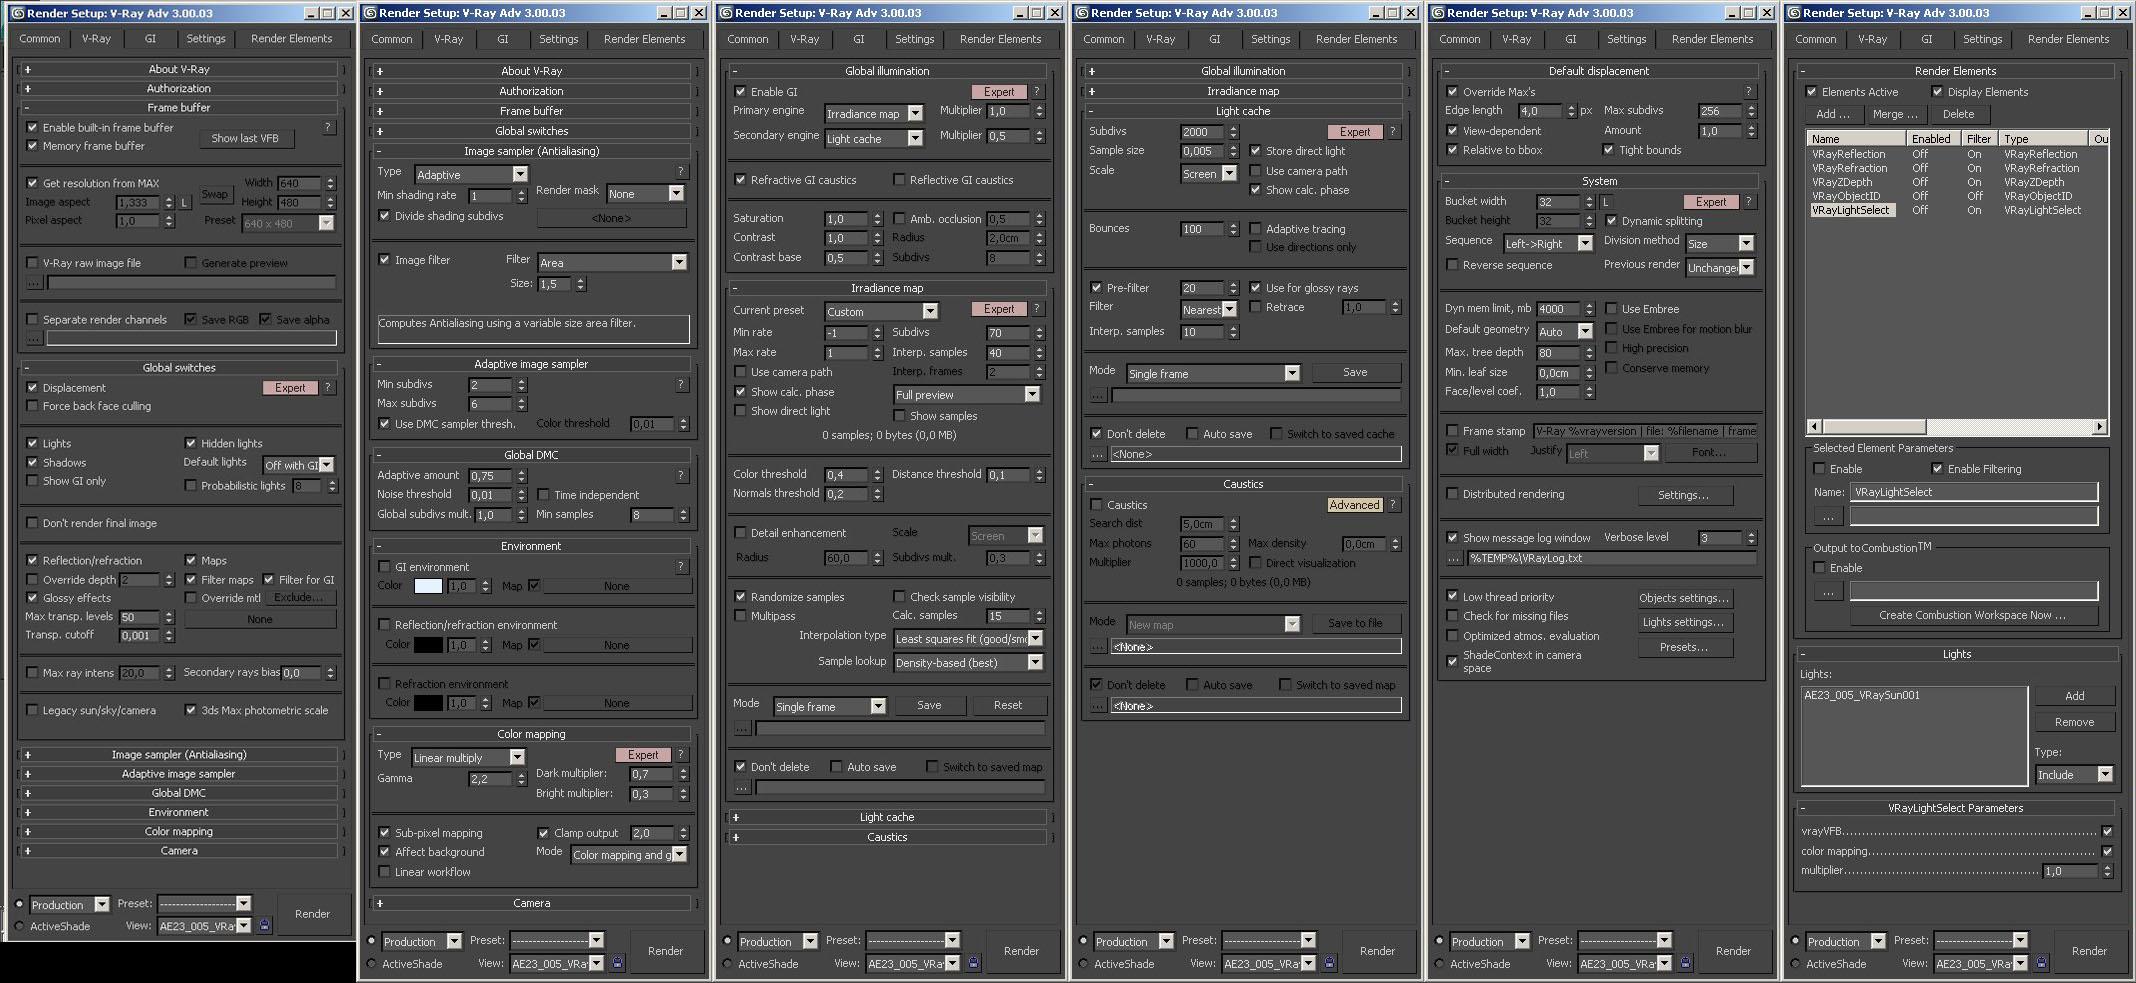 ae_23_s5_render_settings